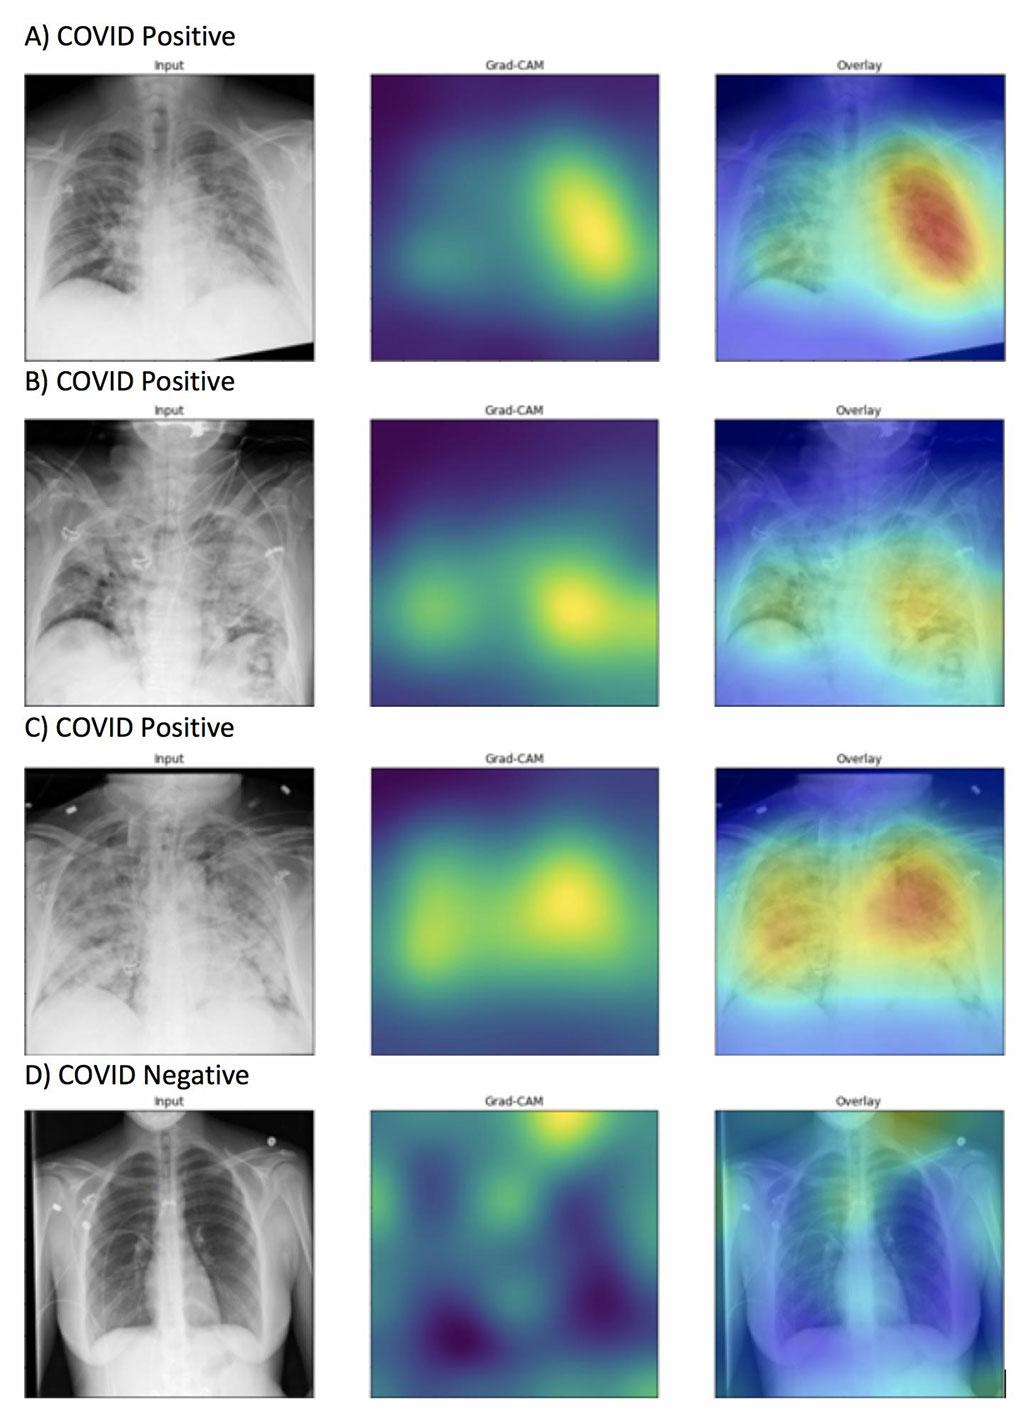 Imagen: Los mapas de calor generados resaltaron adecuadamente las anomalías de los campos pulmonares en las imágenes marcadas con exactitud como positivas para COVID-19 (de la A a la C) a diferencia de las imágenes que fueron marcadas con exactitud como negativas para COVID-19 (D). La intensidad de los colores que aparecen en el mapa de calor corresponde a las características de la imagen que son significativas para predecir la positividad para COVID-19 (Fotografía cortesía de la Universidad Northwestern)